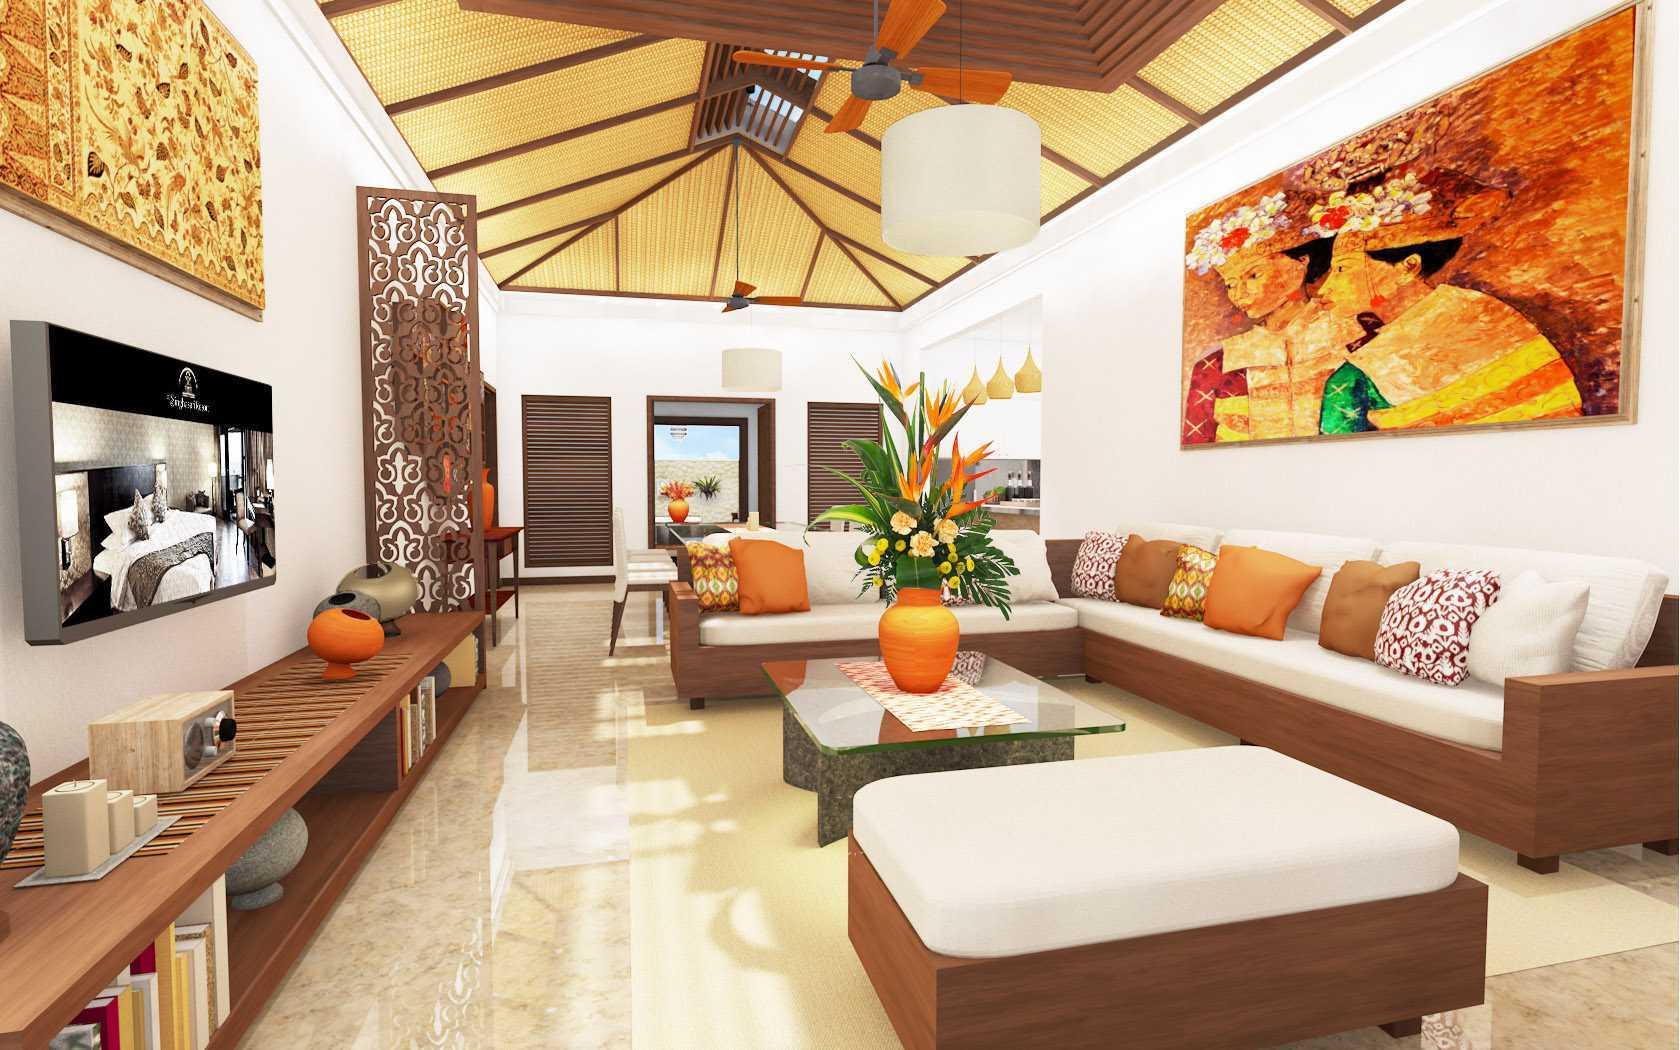 Mta Singhasari Resort Malang, East Java Malang, East Java Presidential Suite Dining And Main Living Room   8776